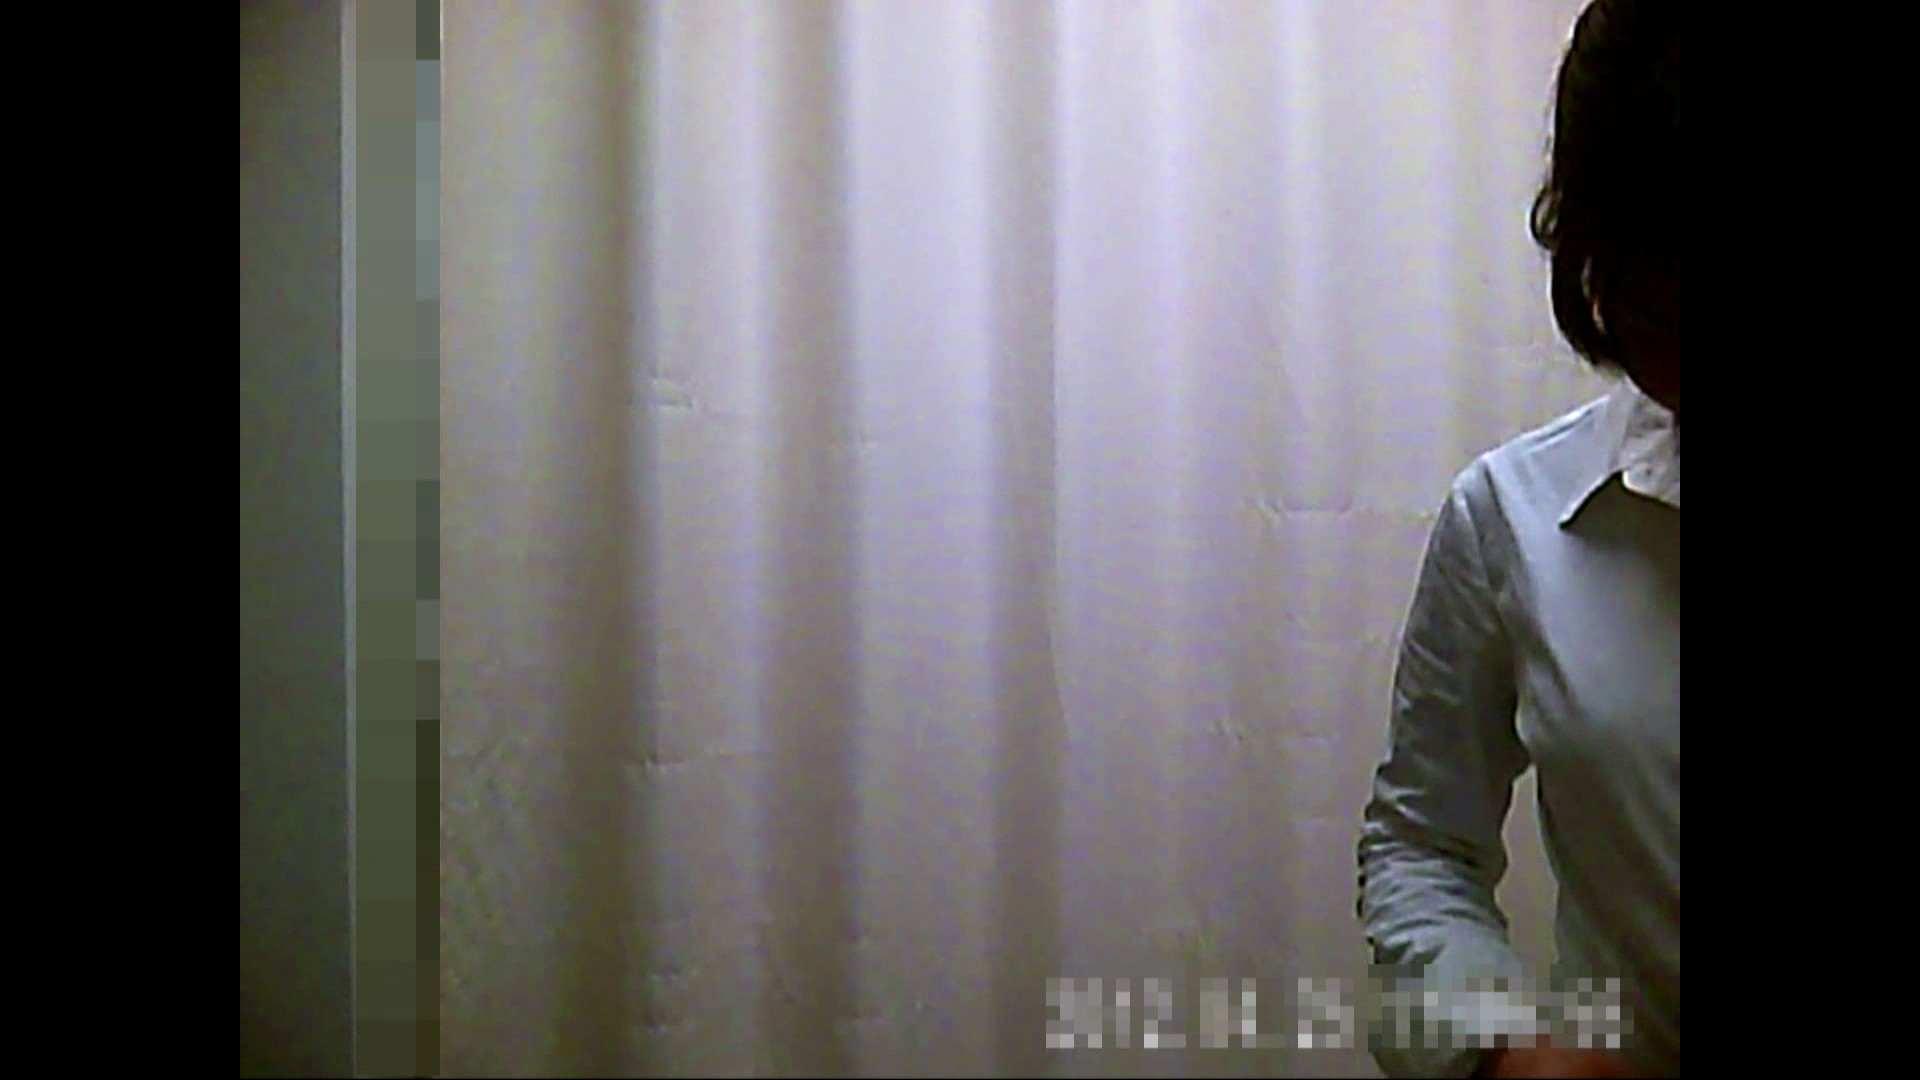 巨乳おまんこ:元医者による反抗 更衣室地獄絵巻 vol.008:怪盗ジョーカー